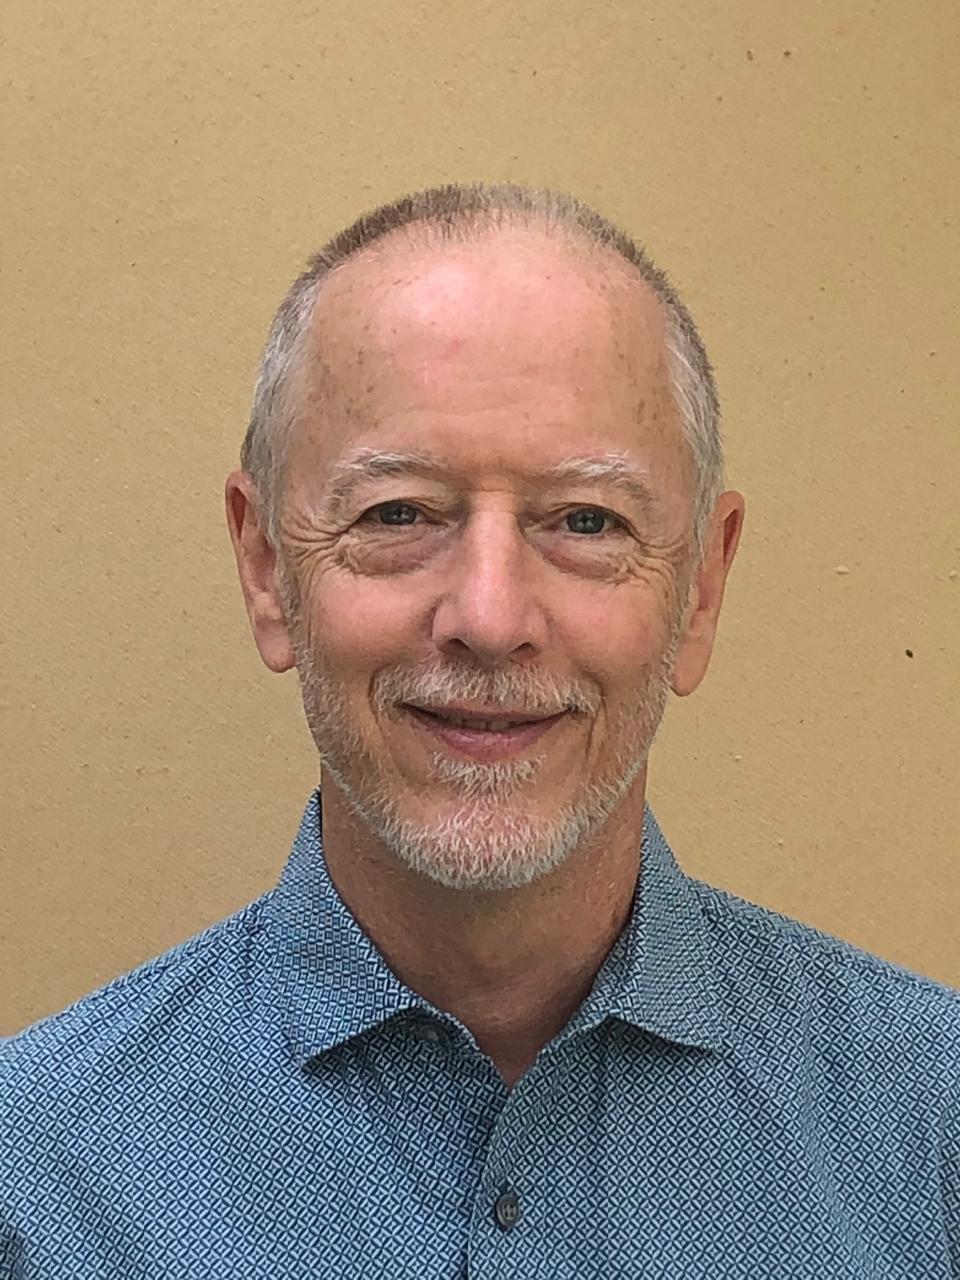 Dr. Richard Youle